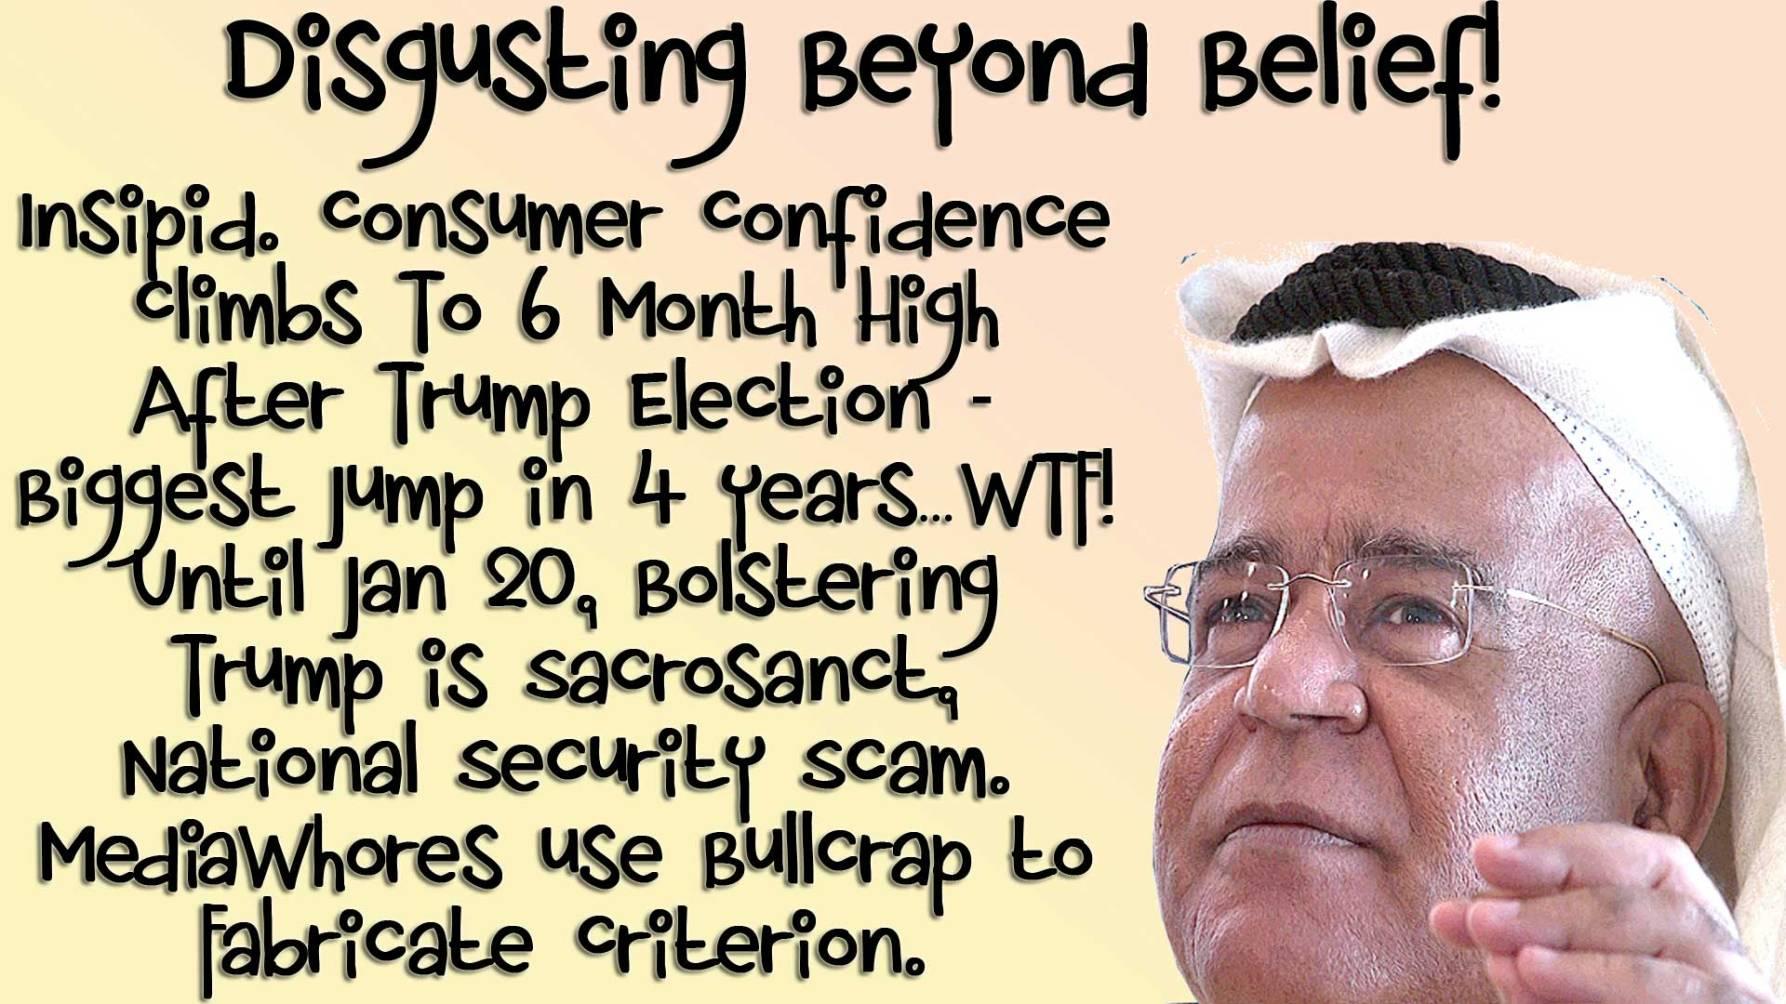 consumer-confidence-climbs